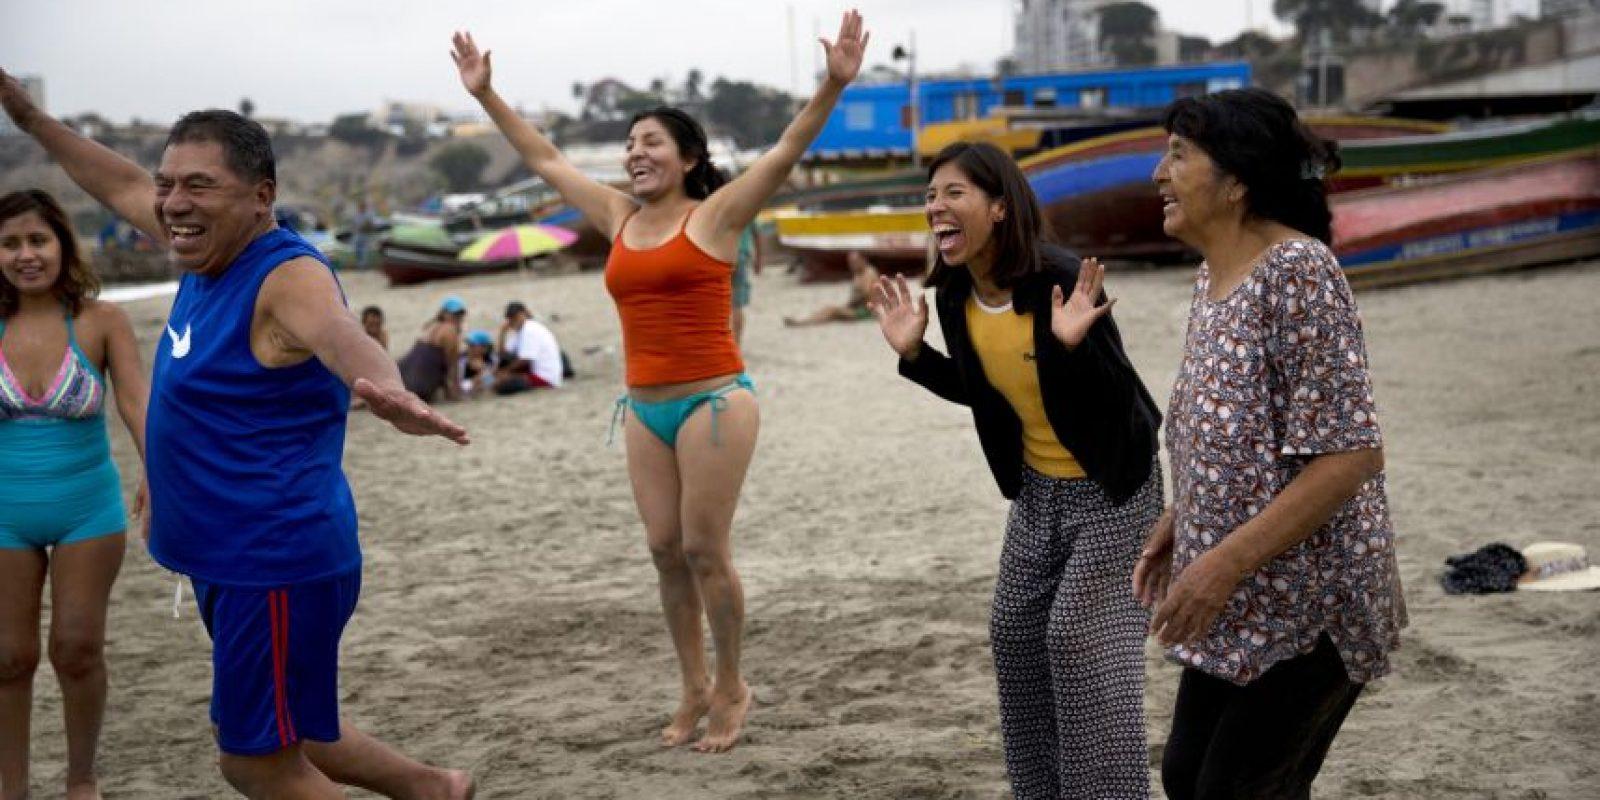 """En esta imagen, tomada el 8 de mayo de 2015, un grupo de personas sonríe durante una sesión de risoterapia en la playa Pescadores de Lima, Perú. El promotor de terapias naturales José Cusquisiban organiza grupos de terapia y hace que sus pacientes corran descalzos por la arena. """"Luego hacemos un círculo armonioso de oración, después cantamos, practicamos la risoterapia, nos abrazamos y finalmente entramos al mar y le enseñamos a nadar a los que no saben"""", agregó. Foto:AP/ Rodrigo Abd"""